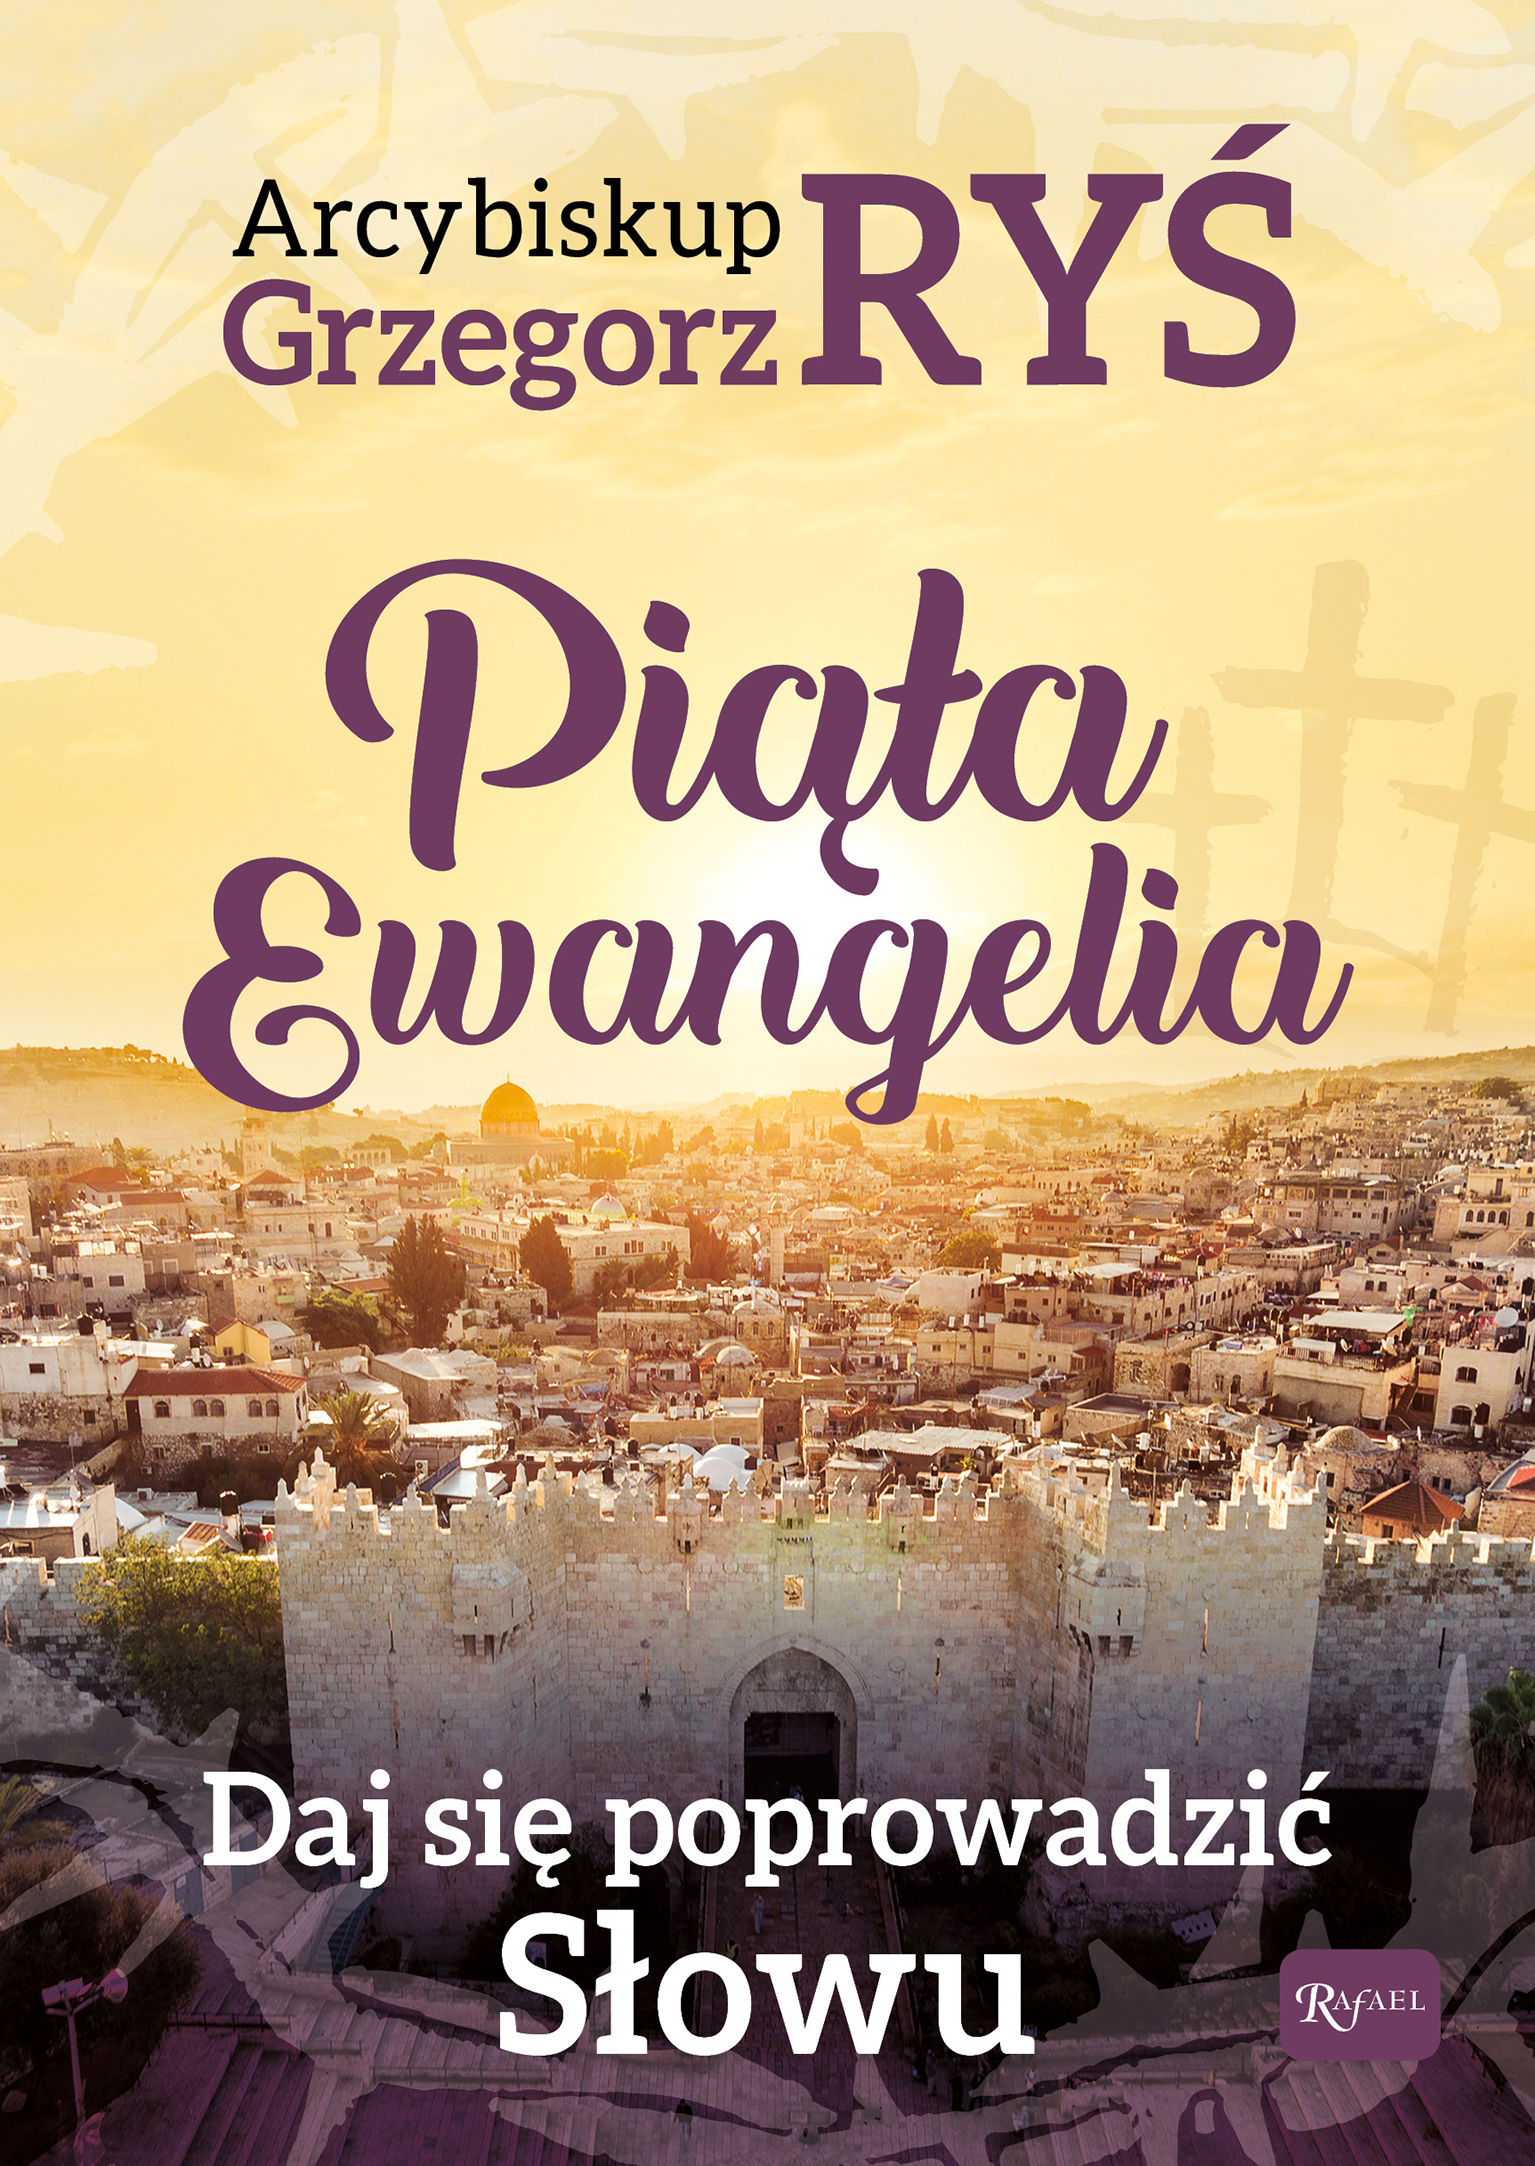 Piąta Ewangelia - abp. Grzegorz Ryś - audiobook